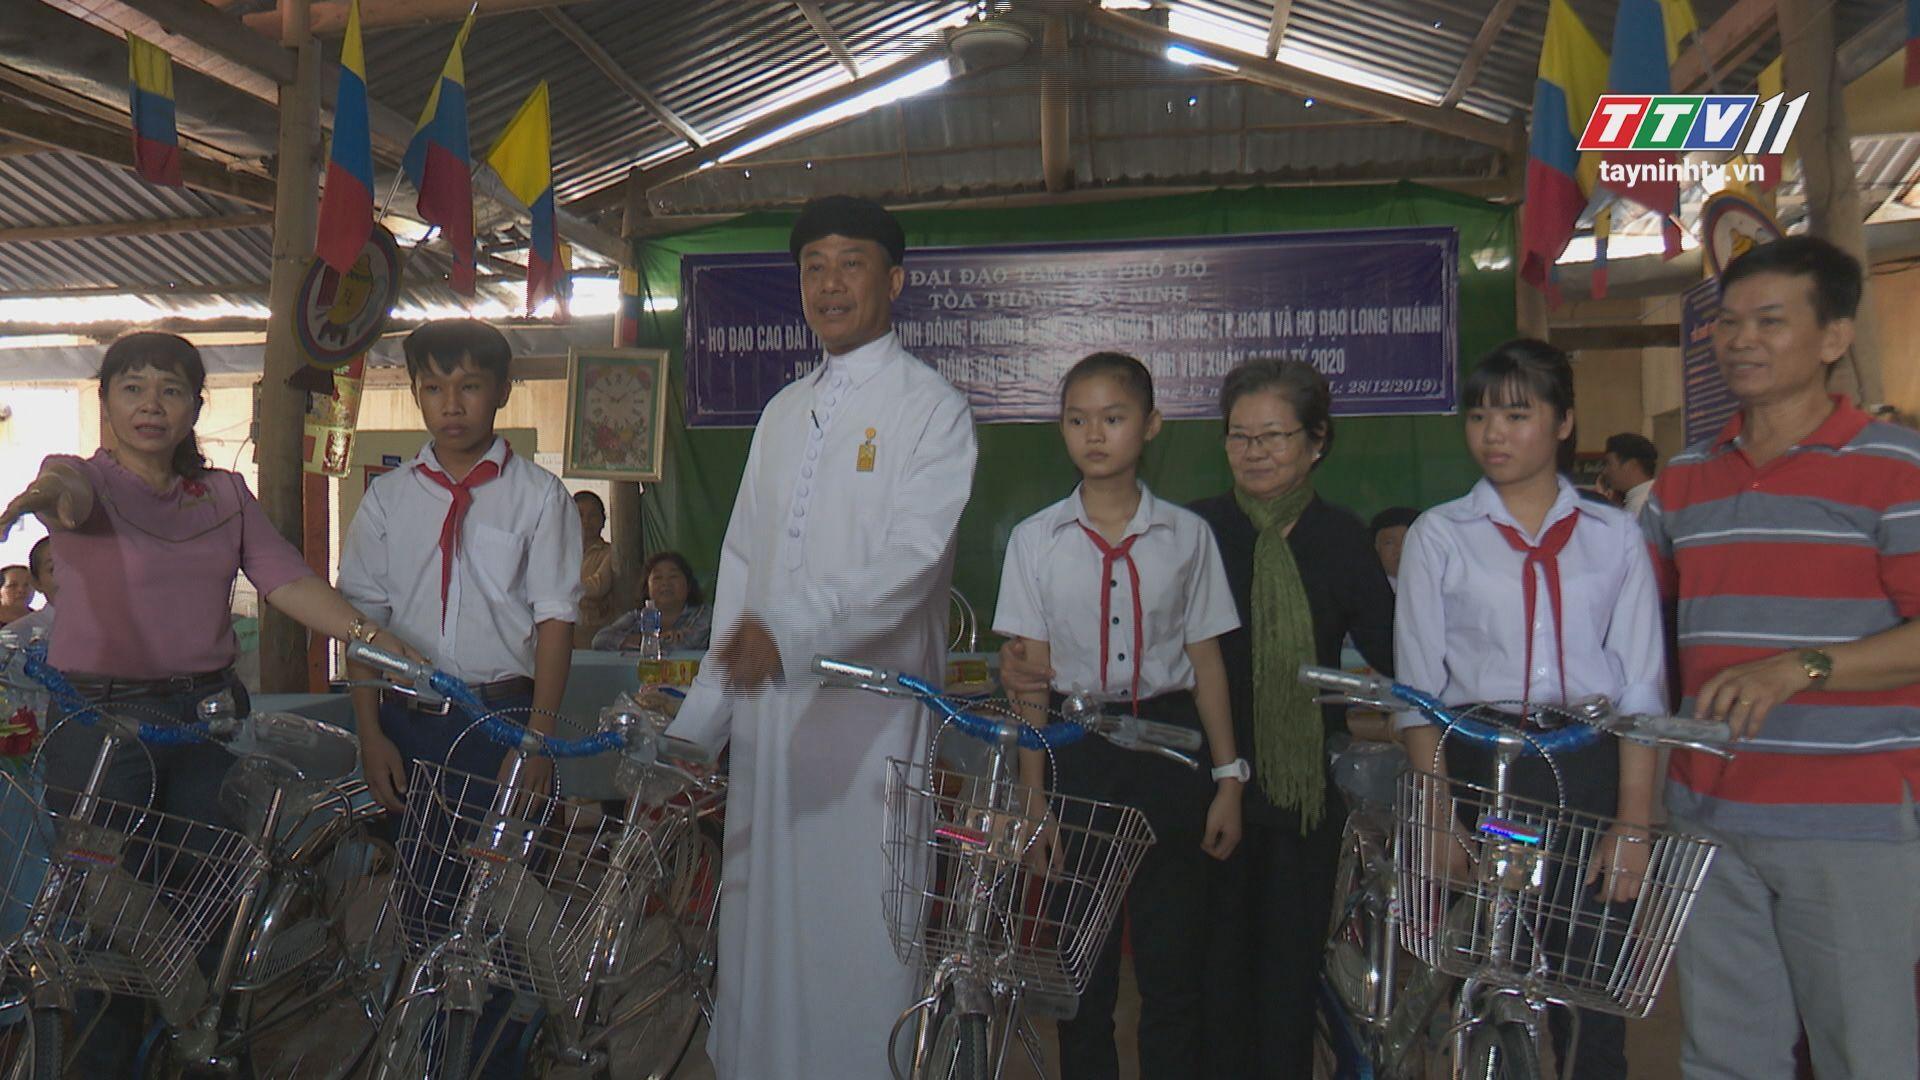 Làm từ thiện dễ mà khó | TẤM LÒNG NHÂN ÁI | TayNinhTV